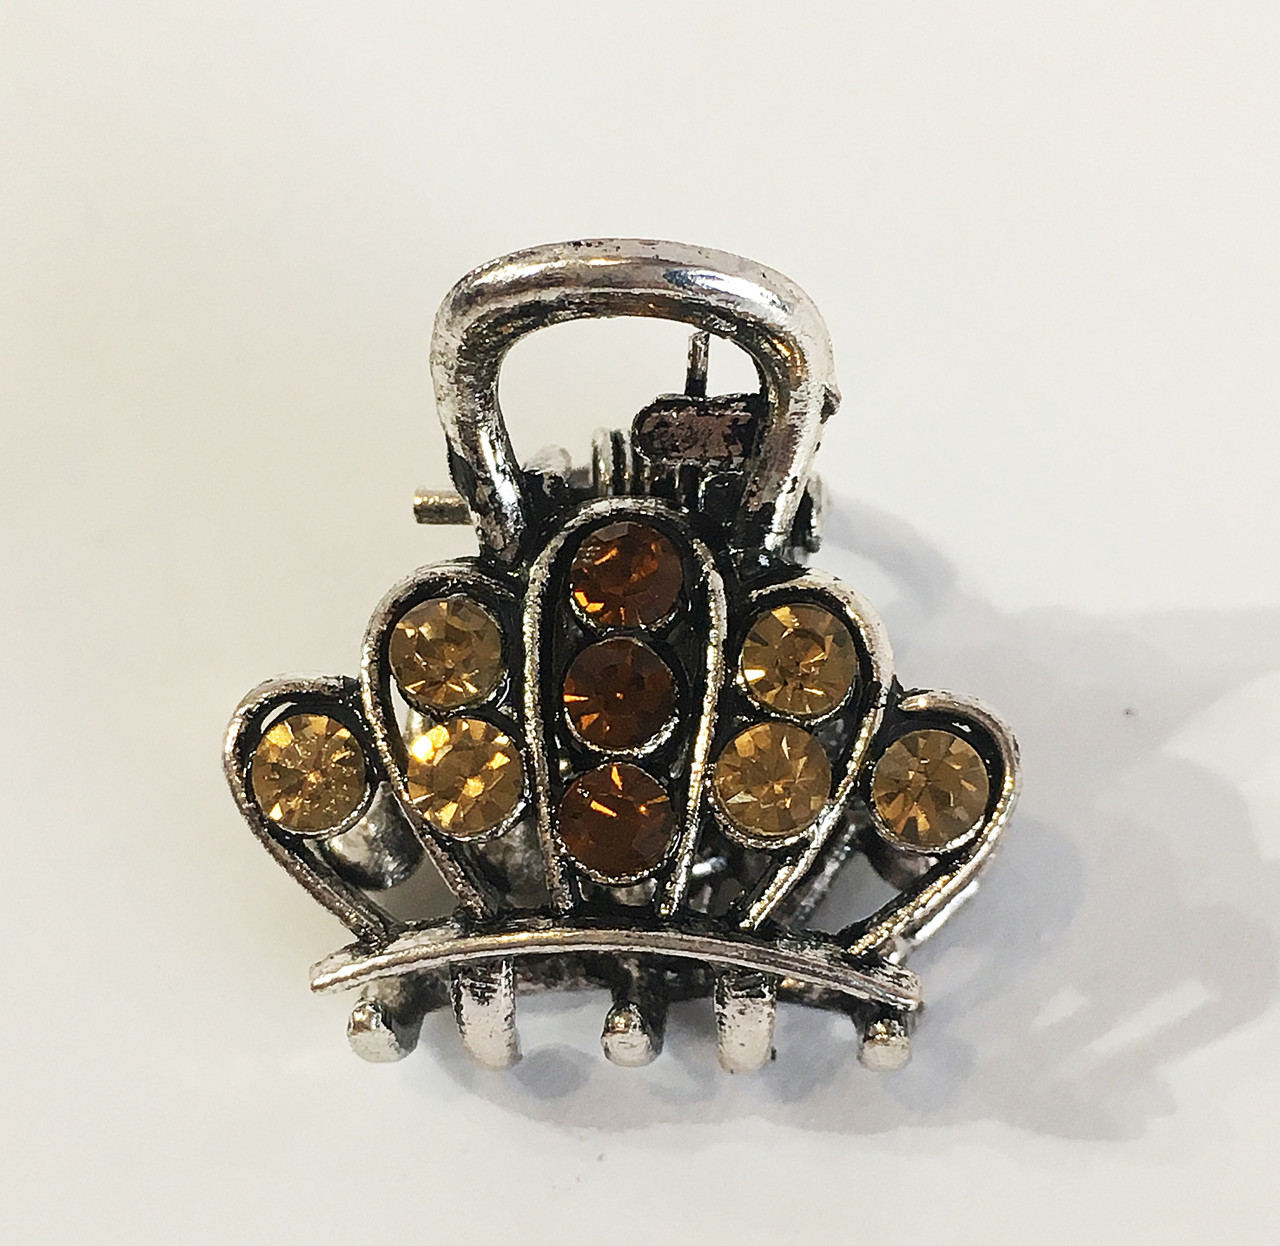 Заколка краб металл мини Баронесса ассорти ( упаковка)